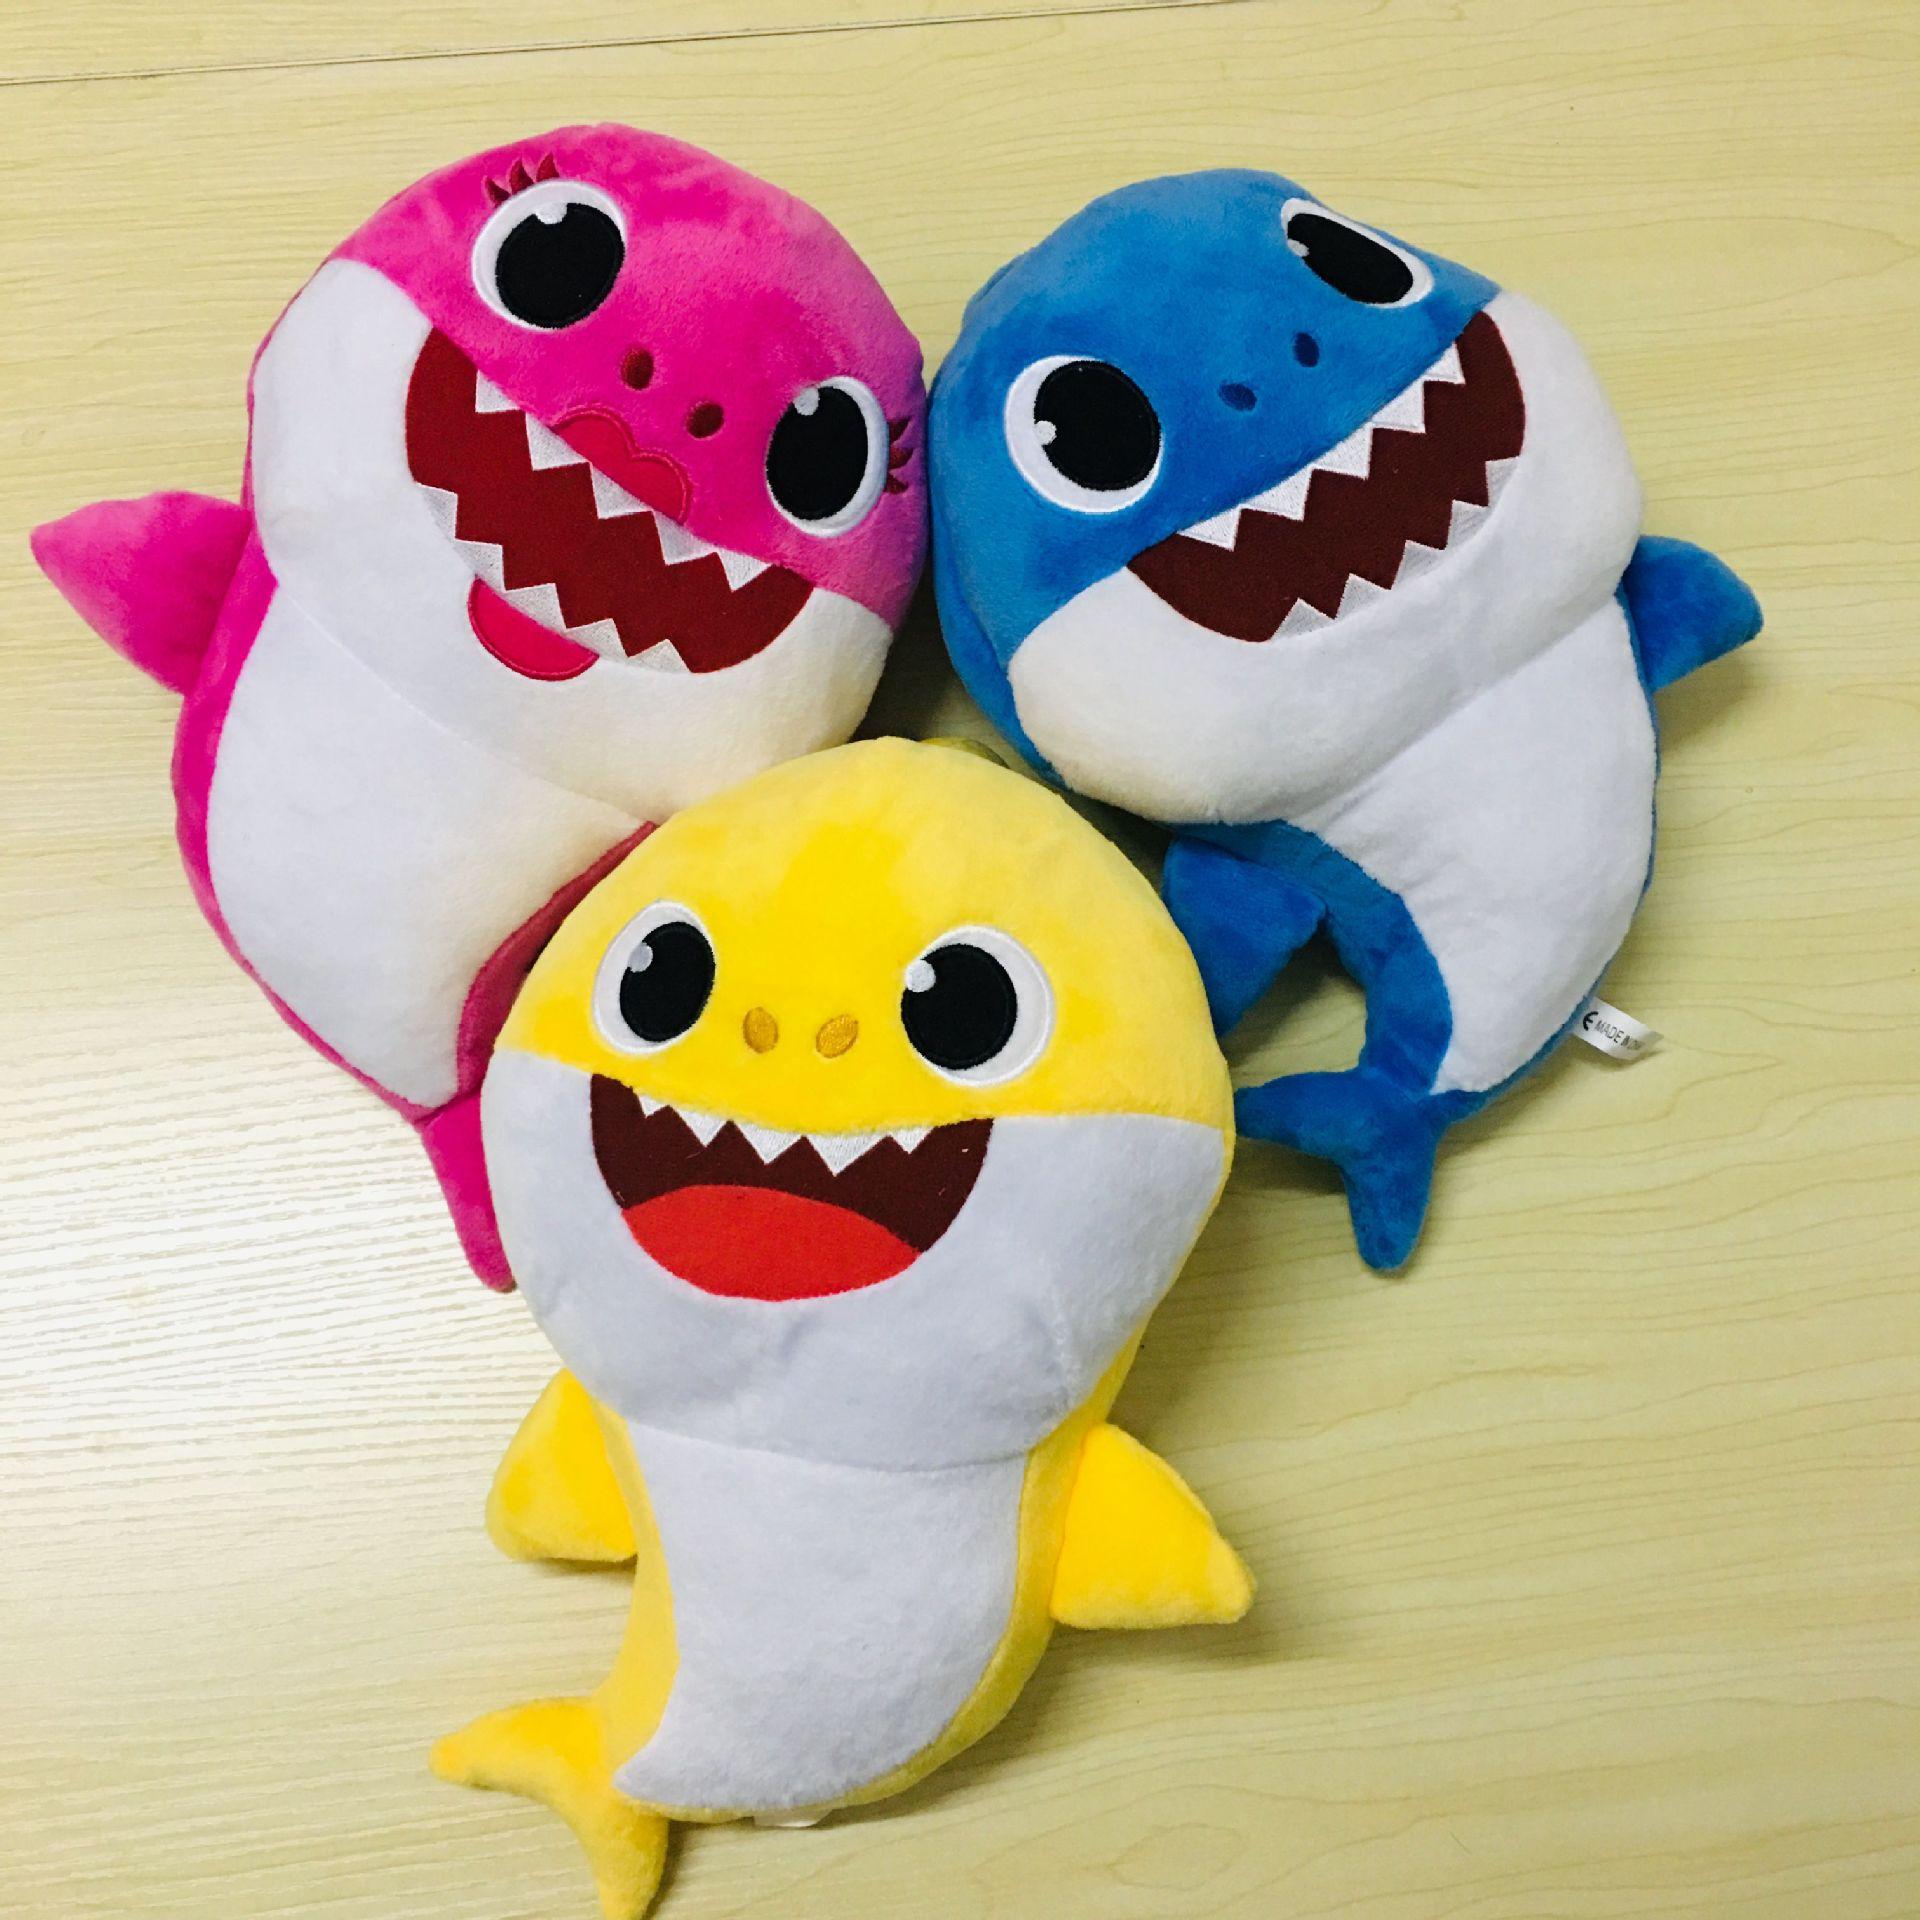 毛絨玩具_shark 鯊魚寶寶碰碰狐貍音樂毛絨玩具 - 阿里巴巴